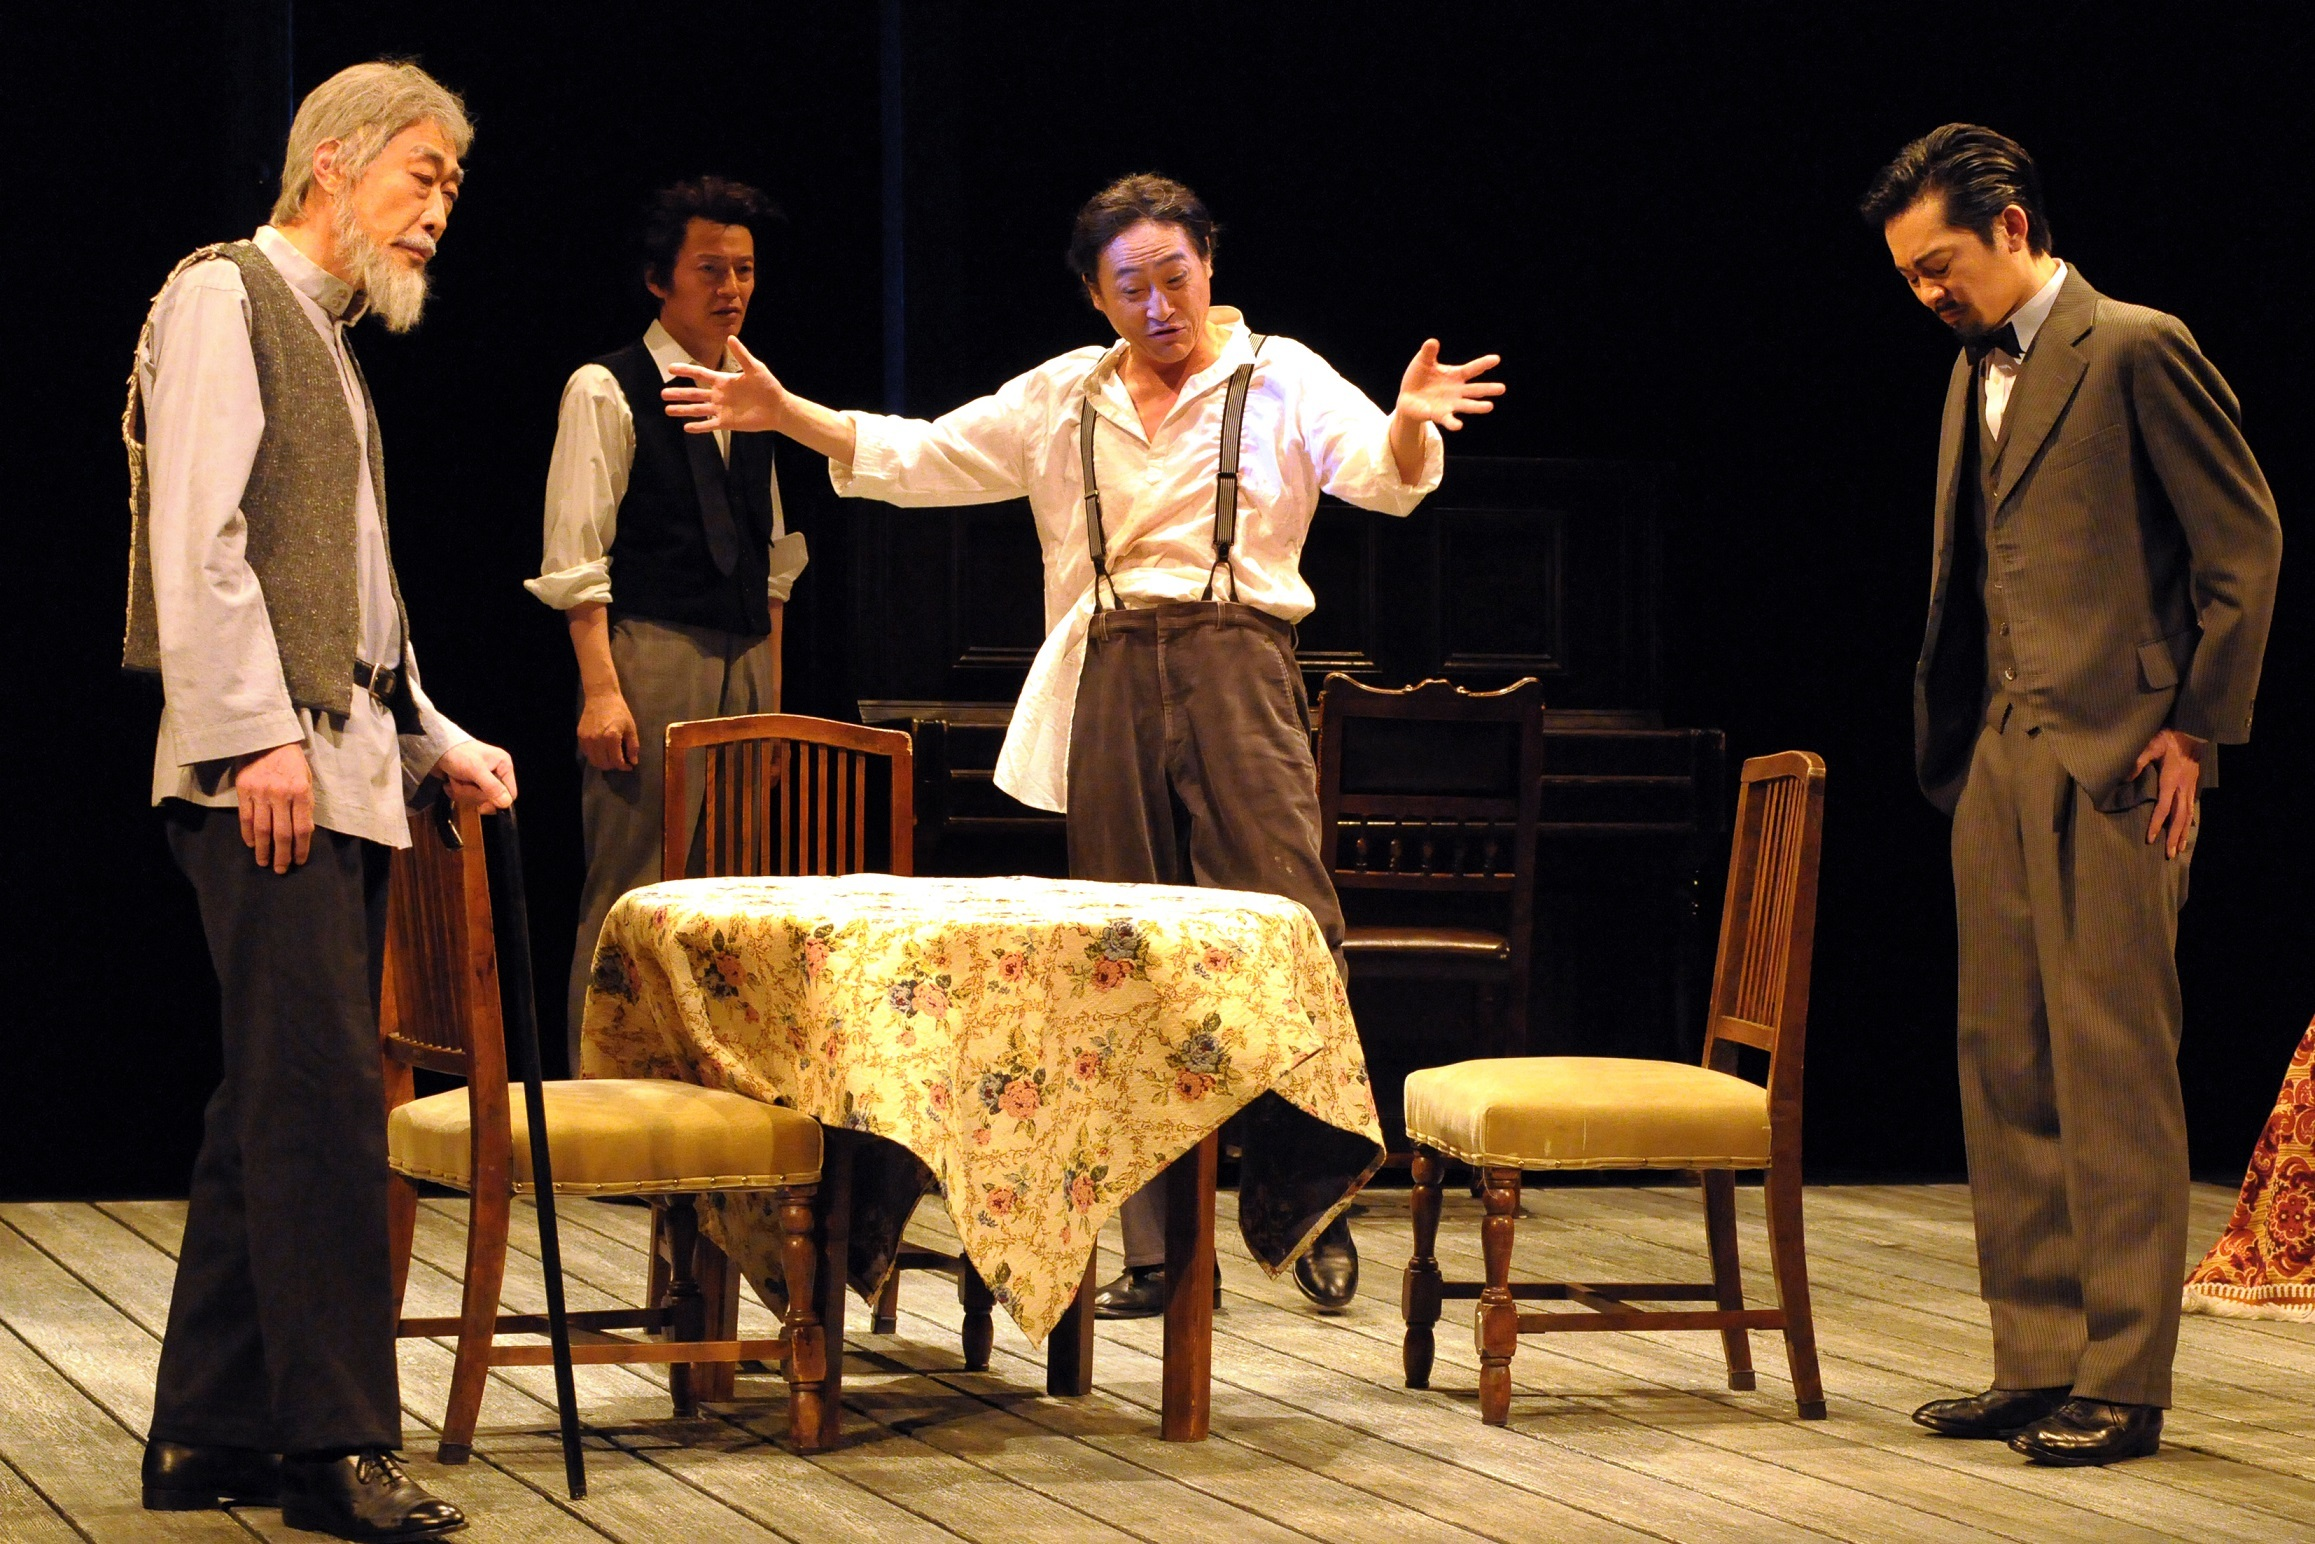 青年座公演『わが兄の弟』チェホフ家の居間。左端が、父親のパーヴェル(山本龍二)とチェーホフ三兄弟。 撮影/坂本正郁